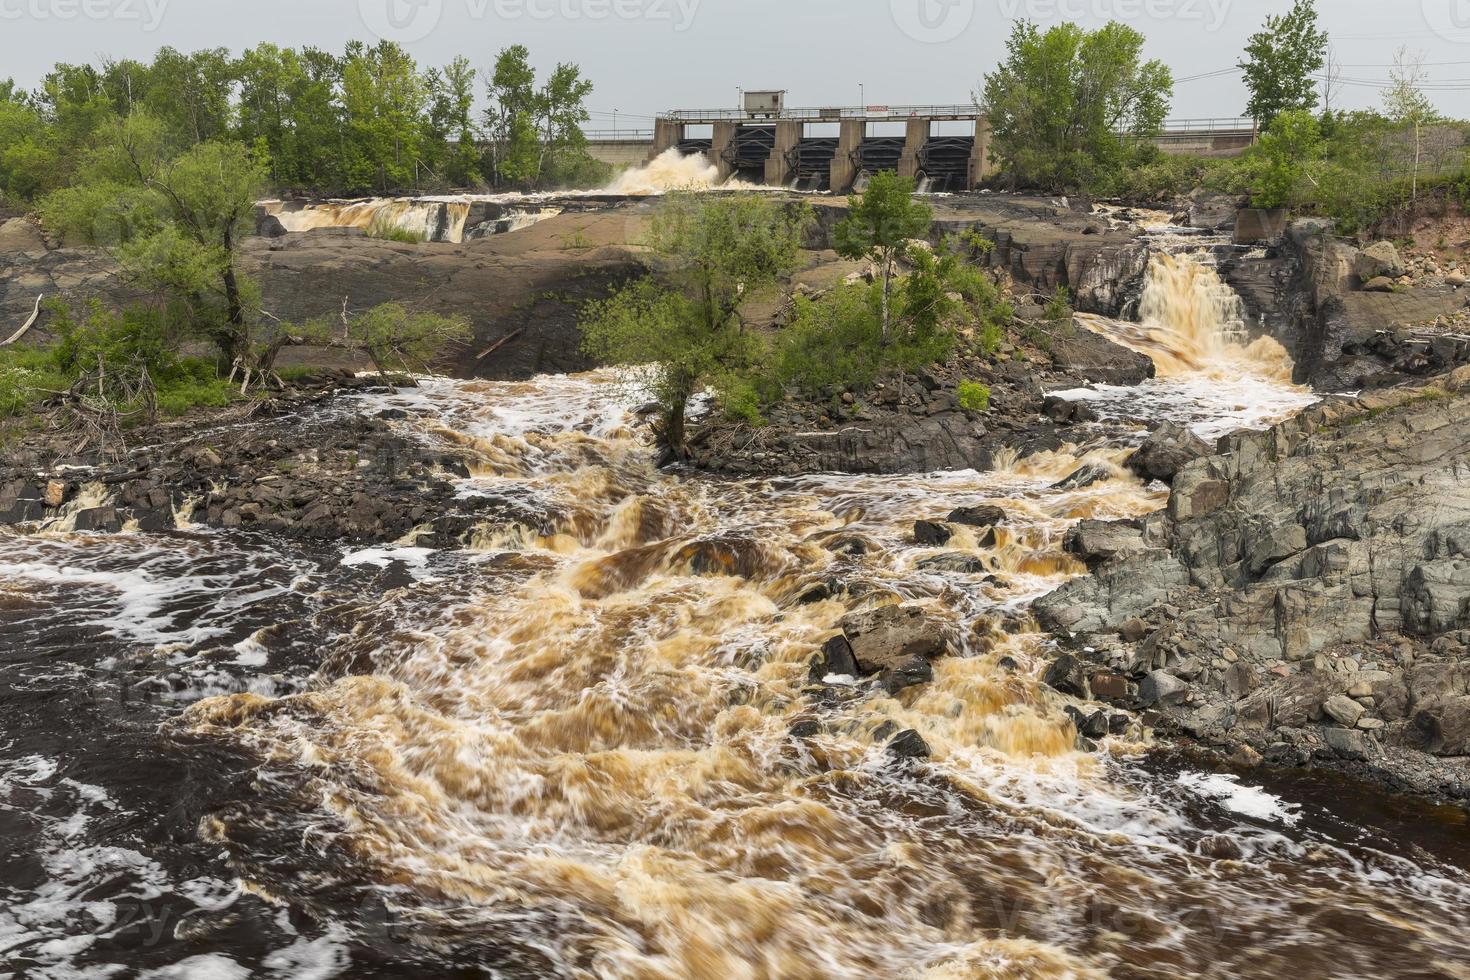 st. barrage de la rivière louis pittoresque photo